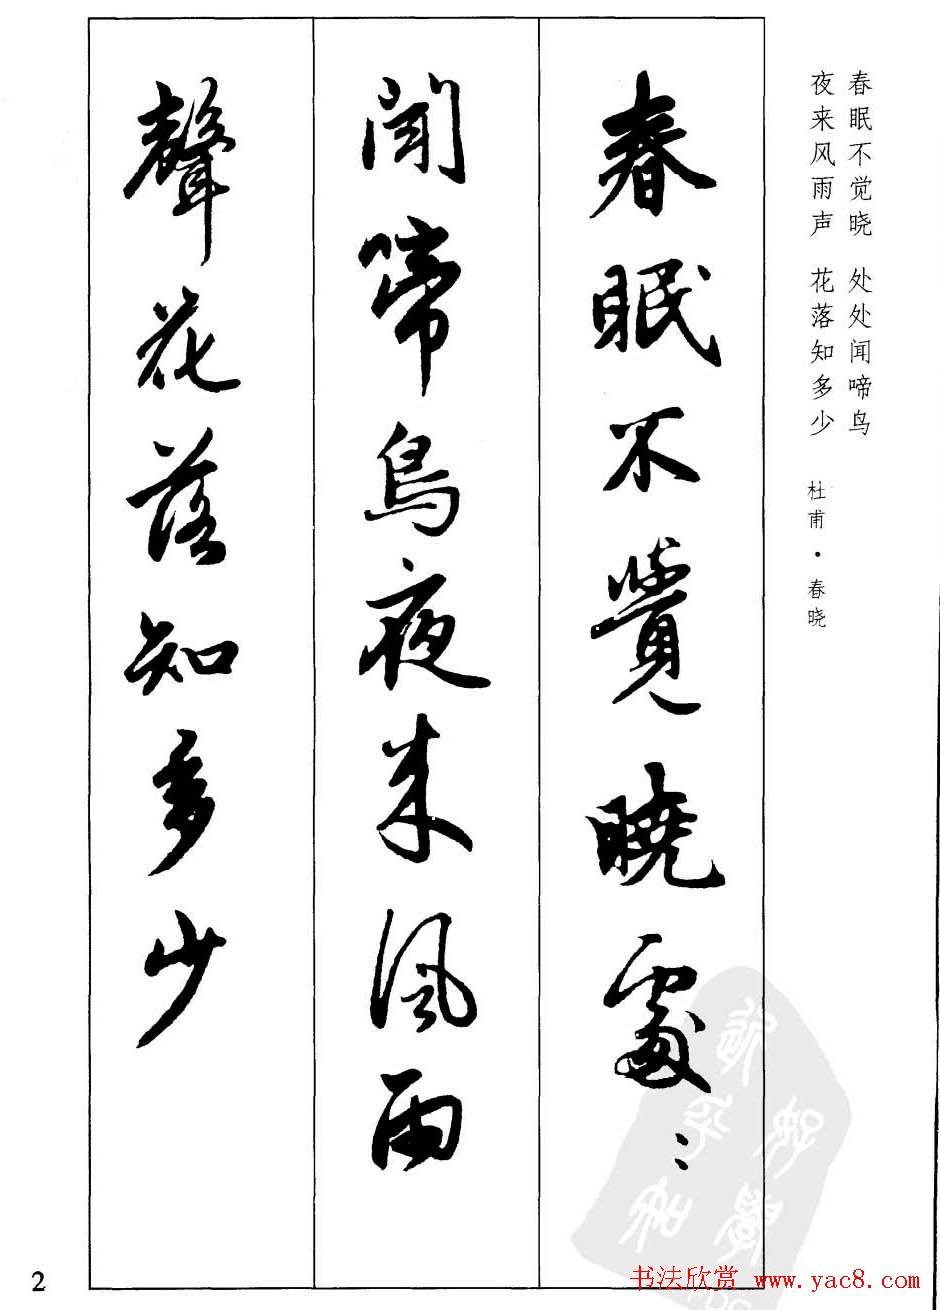 毛笔字帖欣赏《赵孟頫行书墨迹集字古诗》